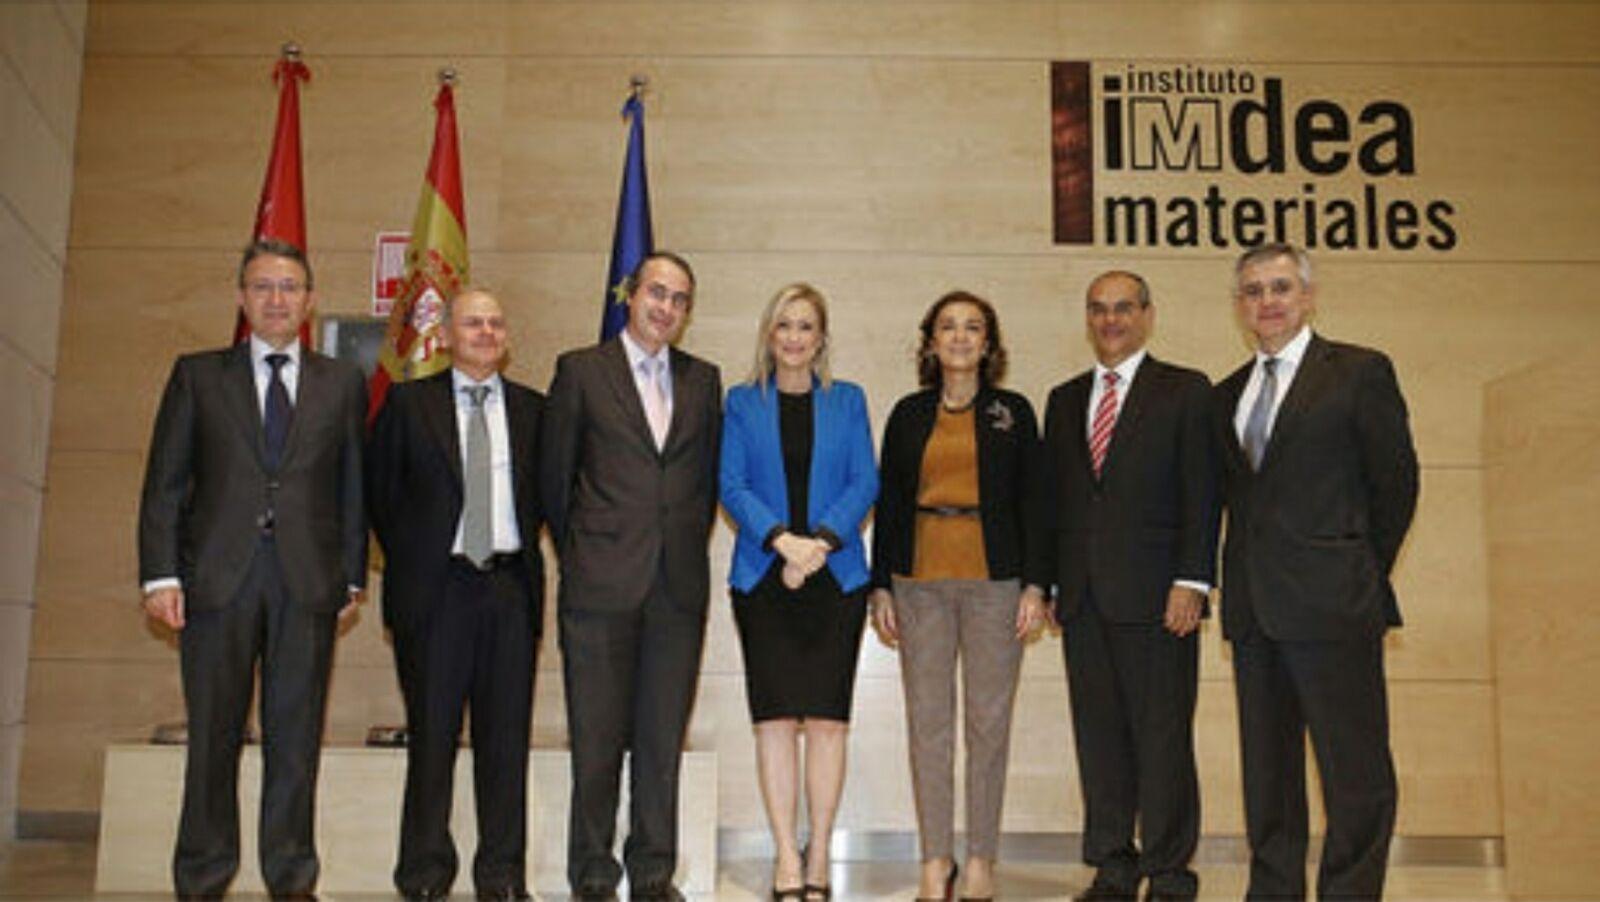 La presidenta de la Comunidad de Madrid, Cristina Cifuentes, obtuvo en 2012 su título de máster en Derecho Autonómico en la Universidad Rey Juan Carlos(URJC). Dicho grado académico no estuvo…